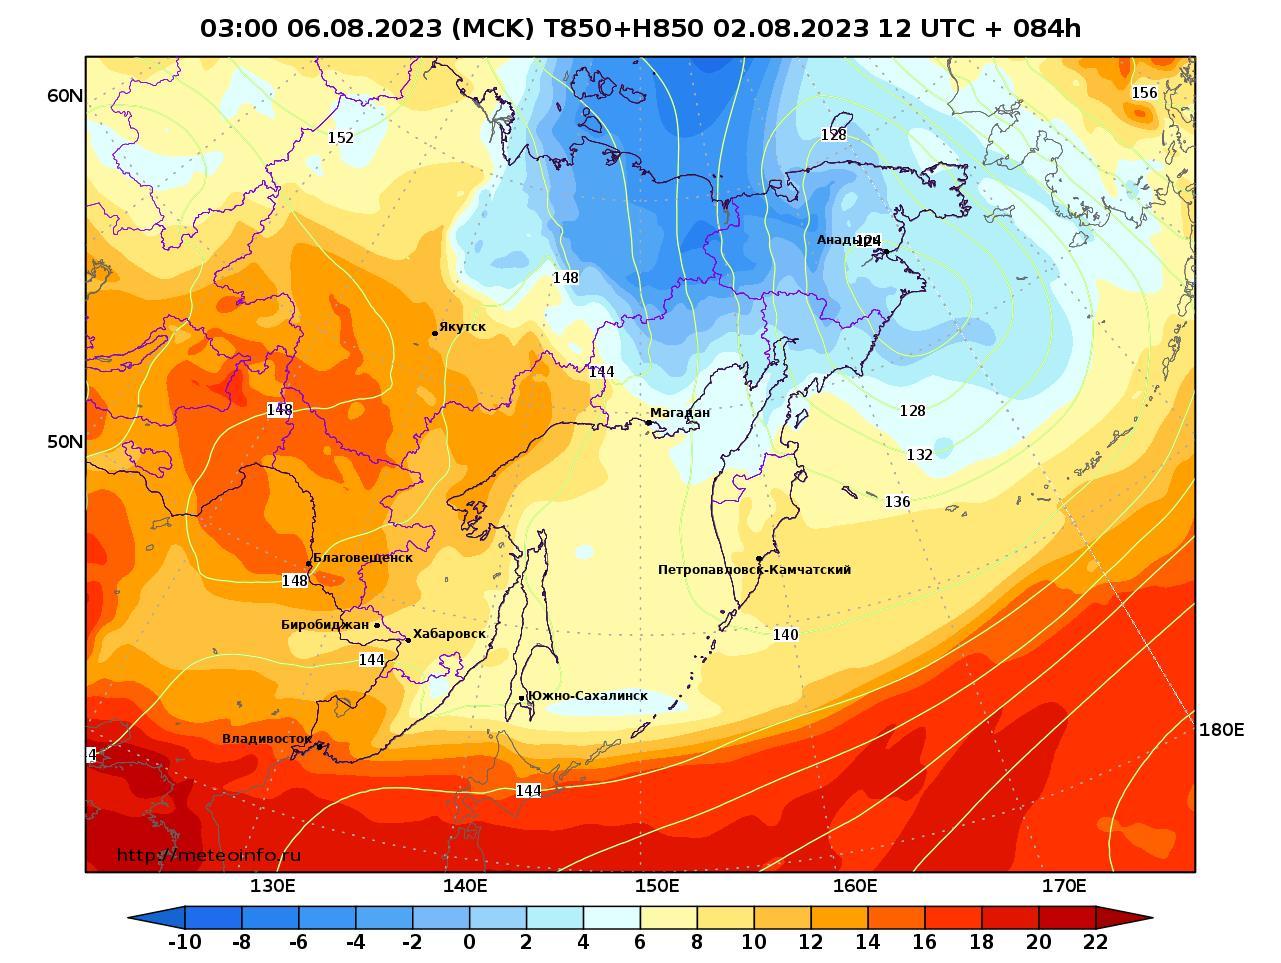 Дальний Восток, прогностическая карта температура T850 и геопотенциал H850, заблаговременность прогноза 84 часа